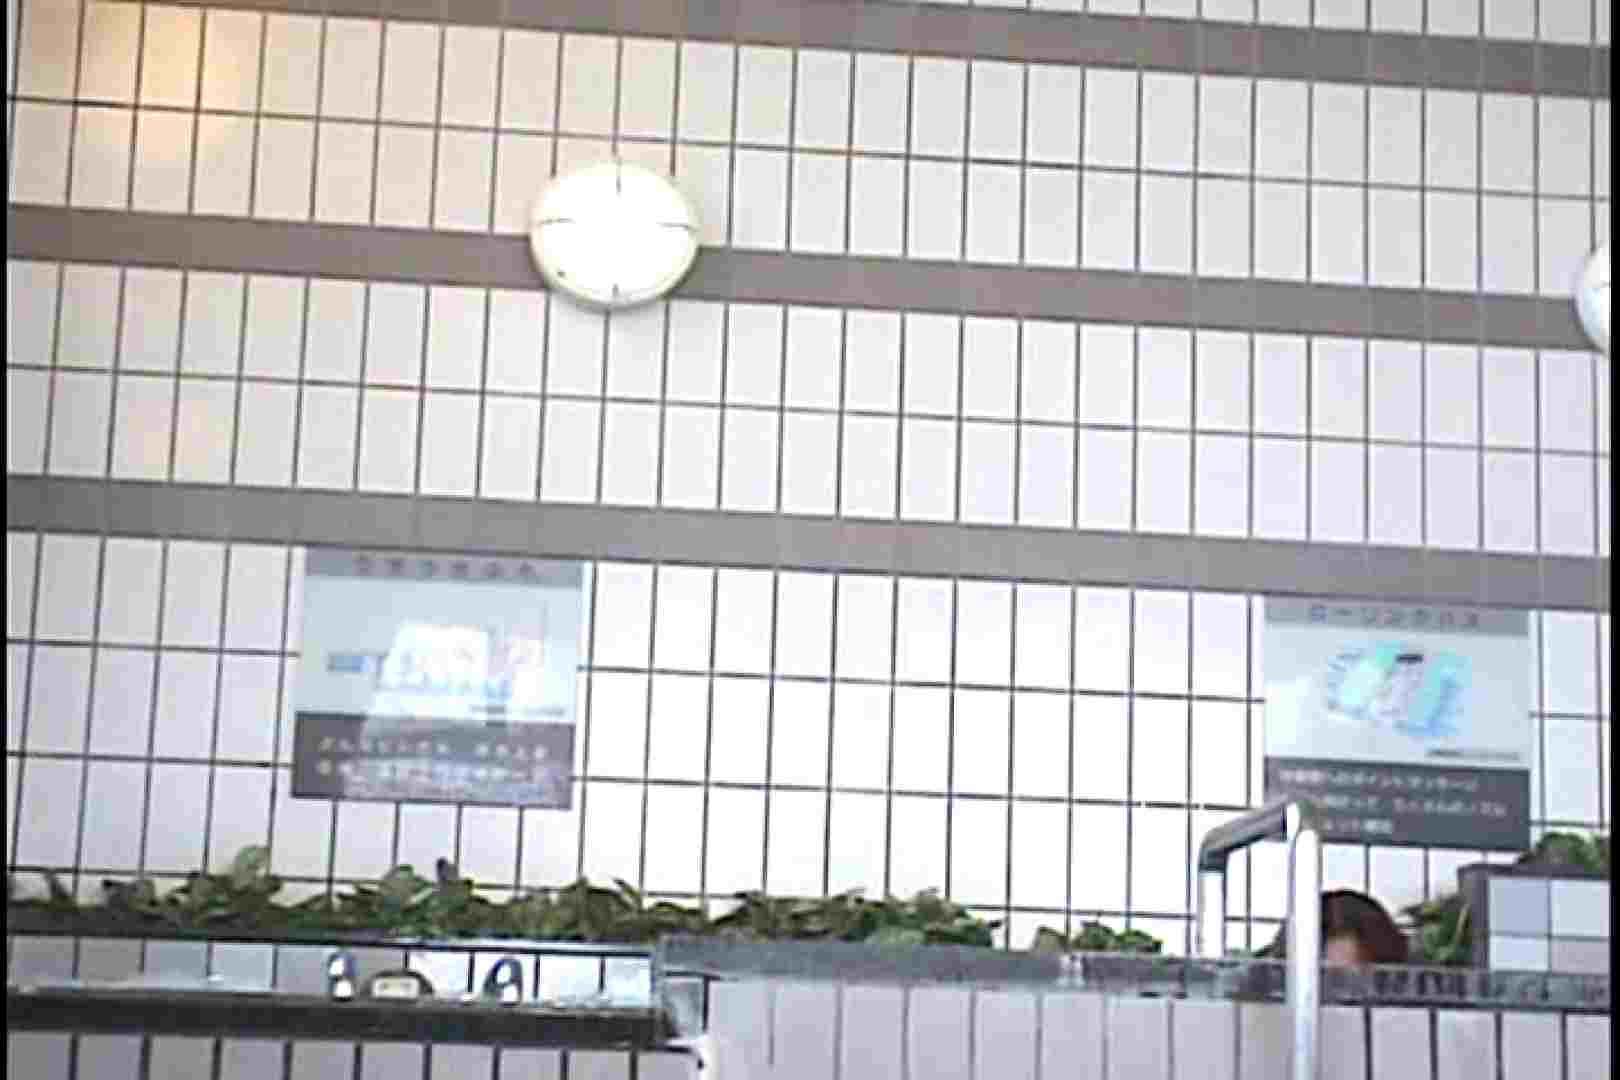 潜入女風呂 がっかり編Vol.1 女子風呂  75枚 41